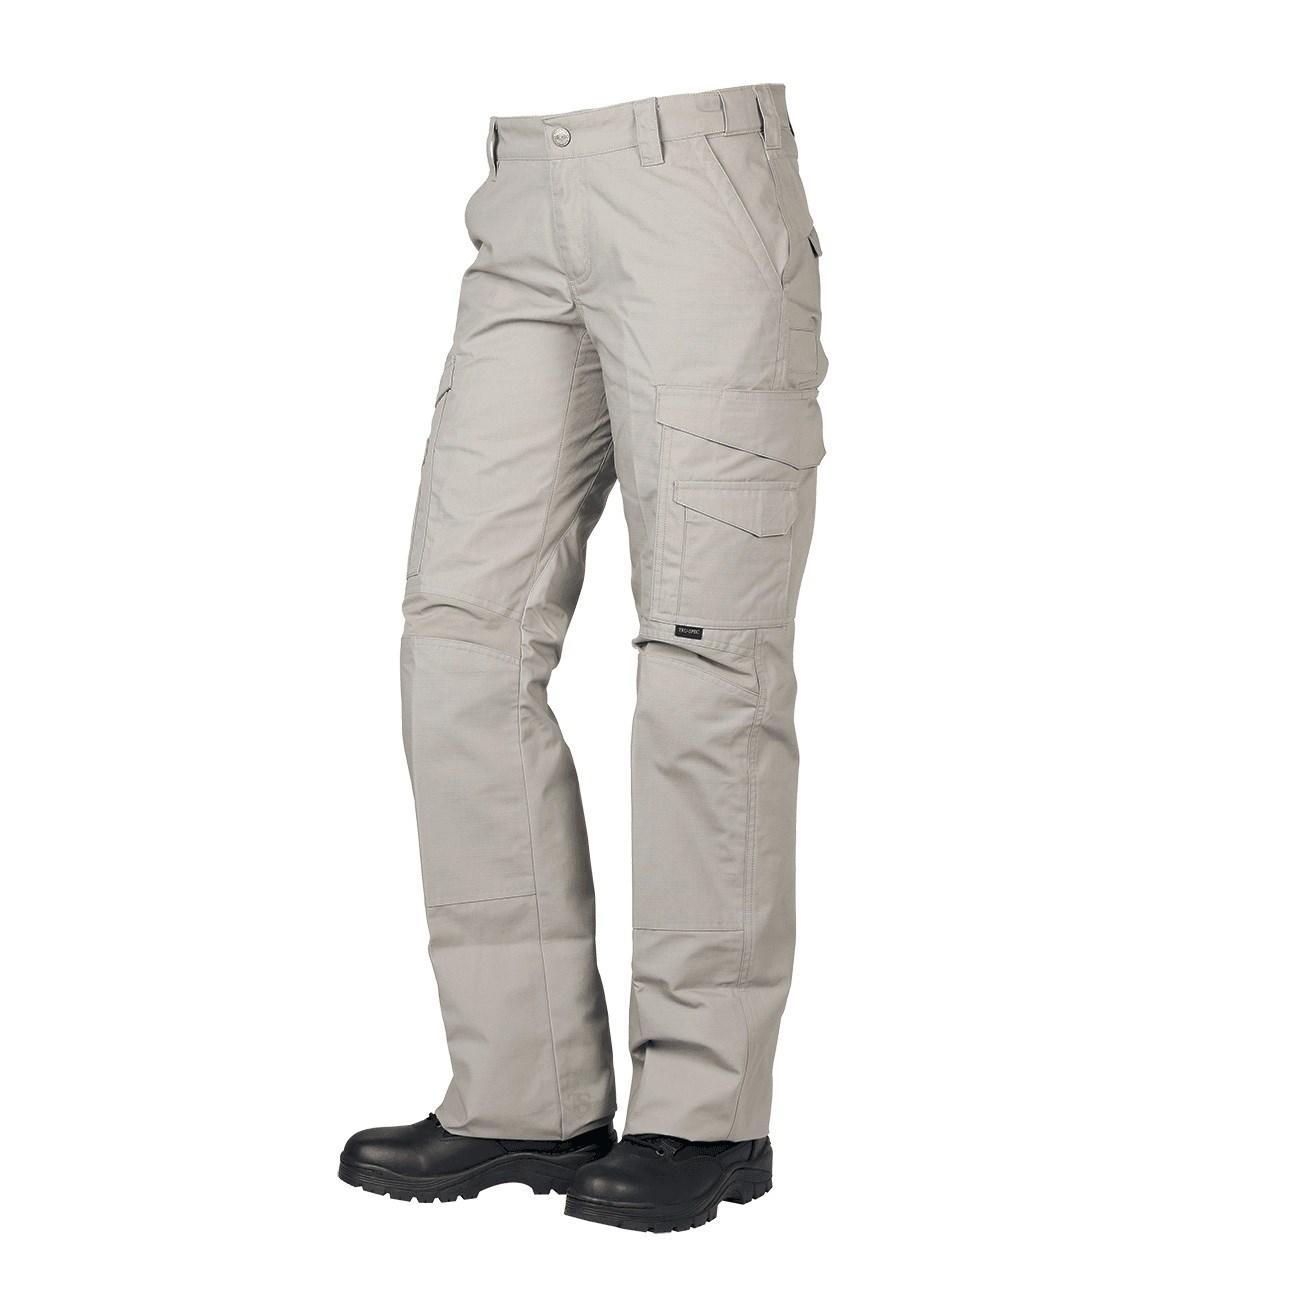 Kalhoty dámské 24-7 SERIES® PRO FLEX rip-stop KHAKI - zvìtšit obrázek